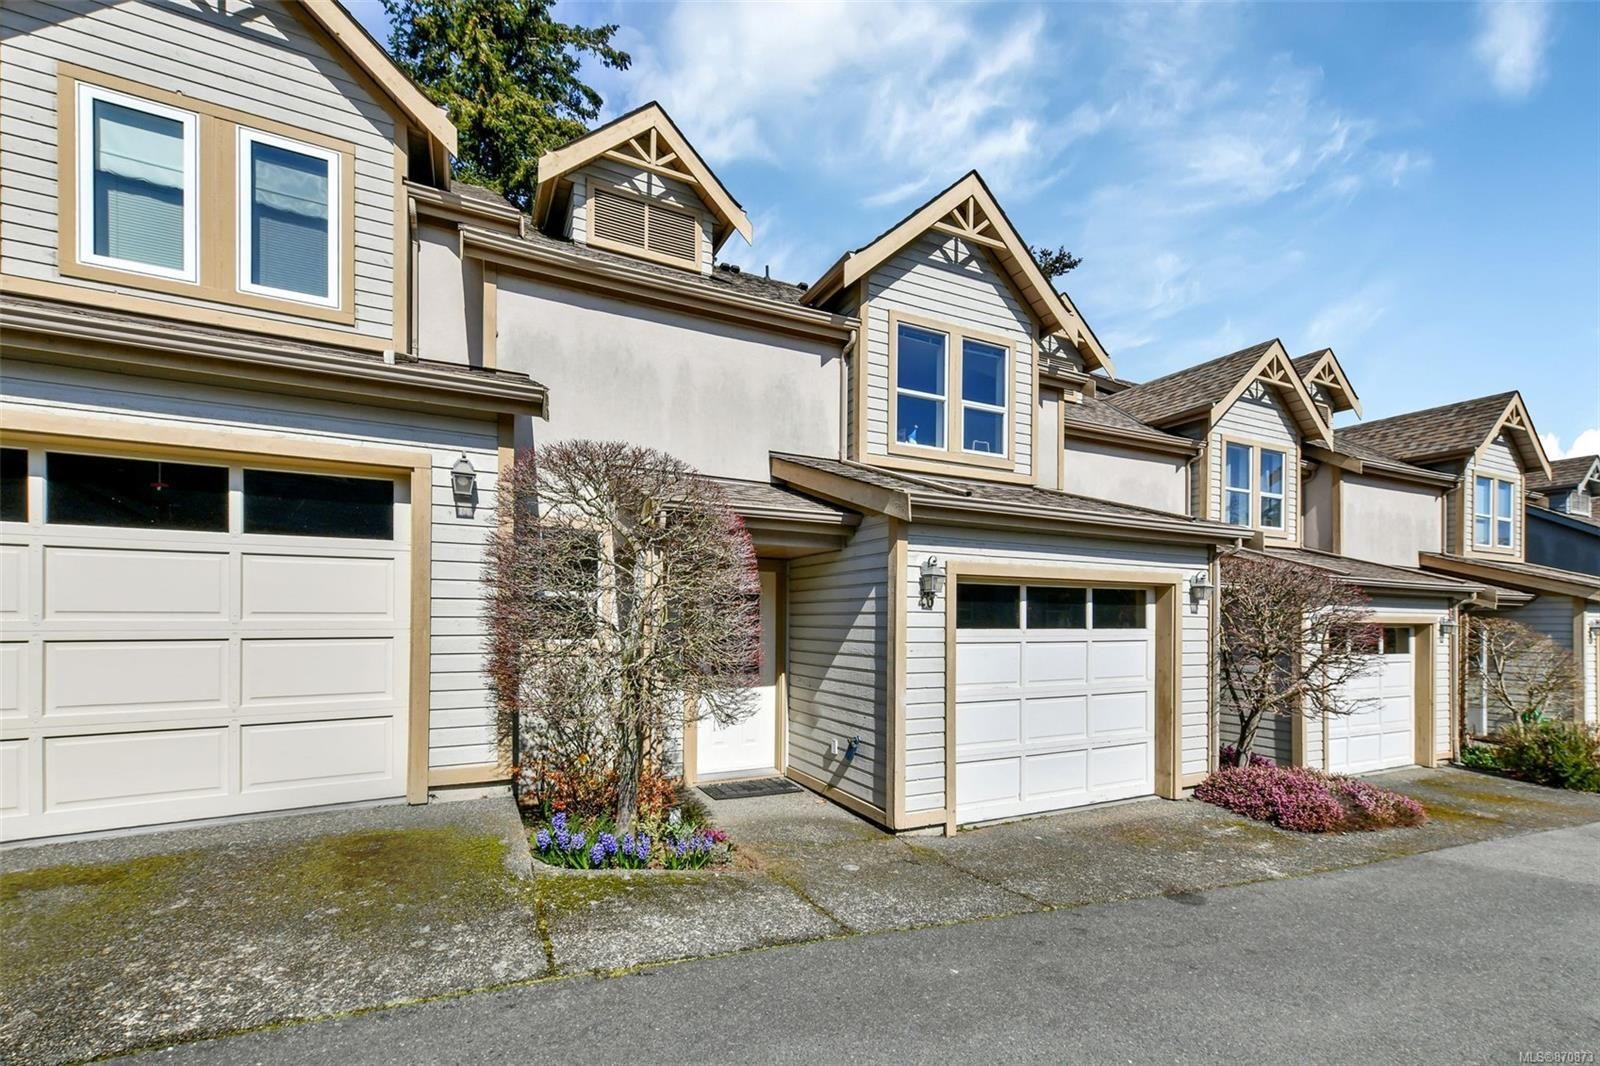 Main Photo: 26 3947 Cedar Hill Cross Rd in : SE Cedar Hill Row/Townhouse for sale (Saanich East)  : MLS®# 870873